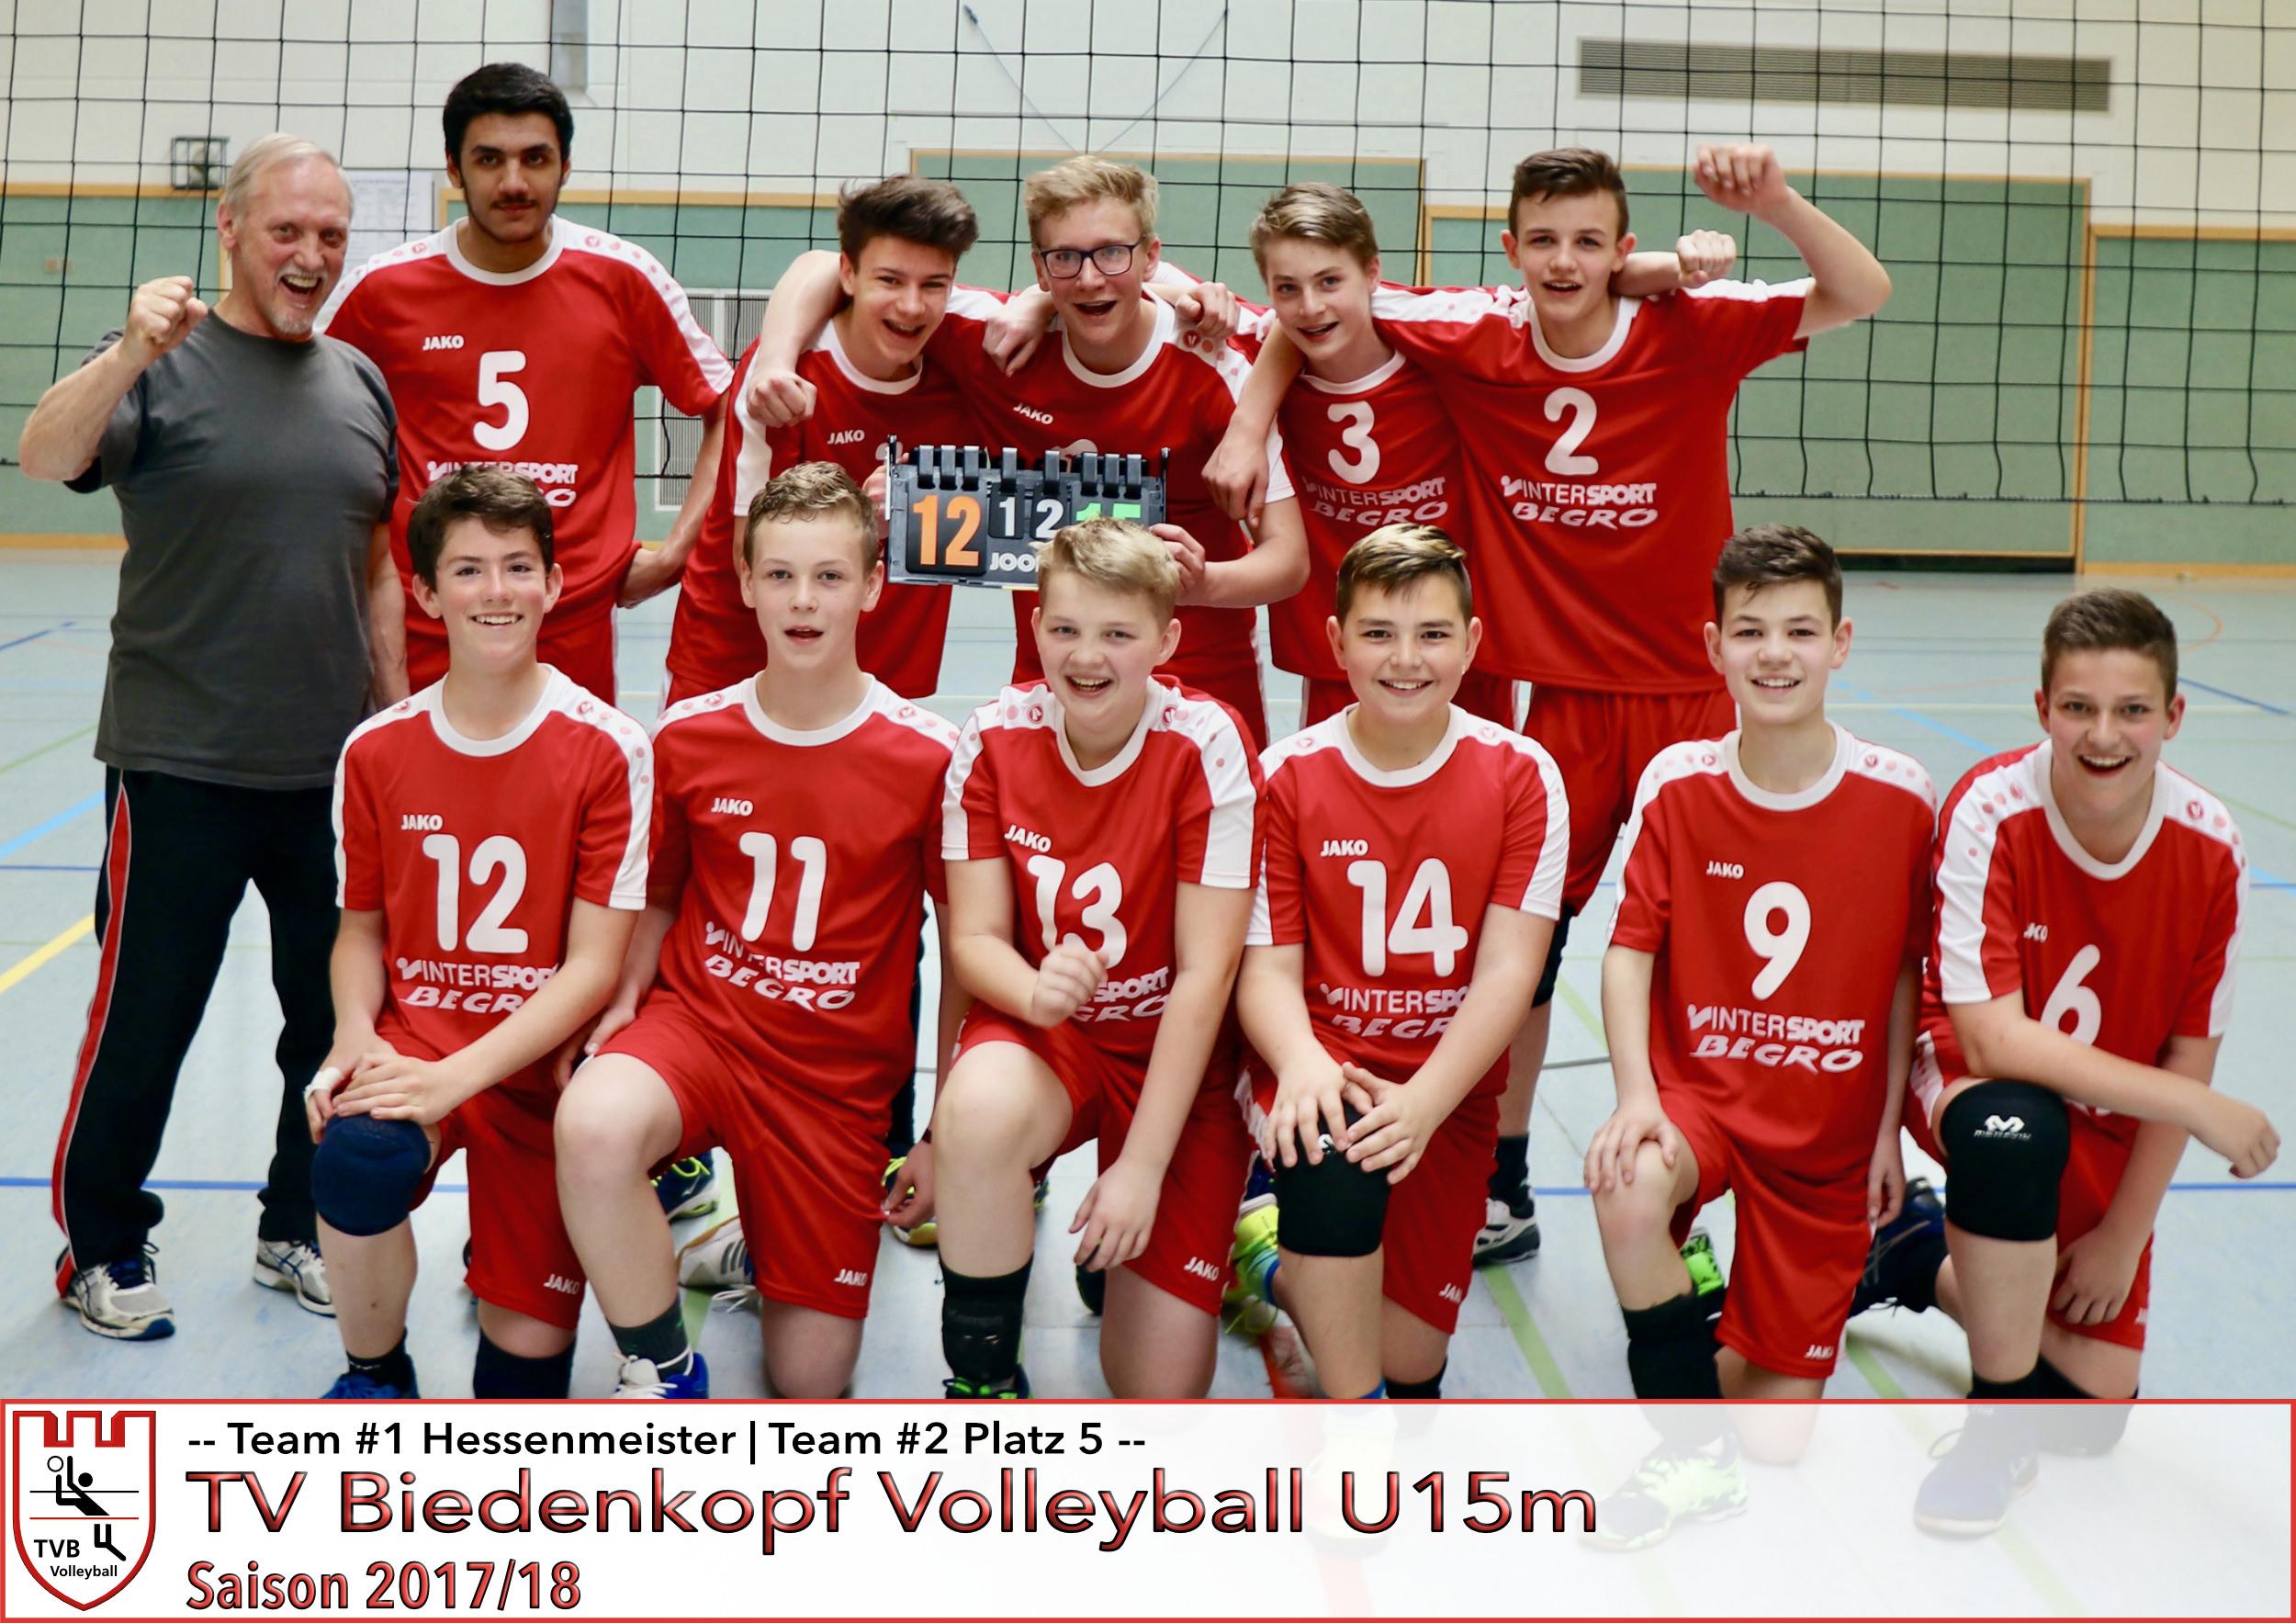 Volleyball U15m TV Biedenkopf Saison 2017/18